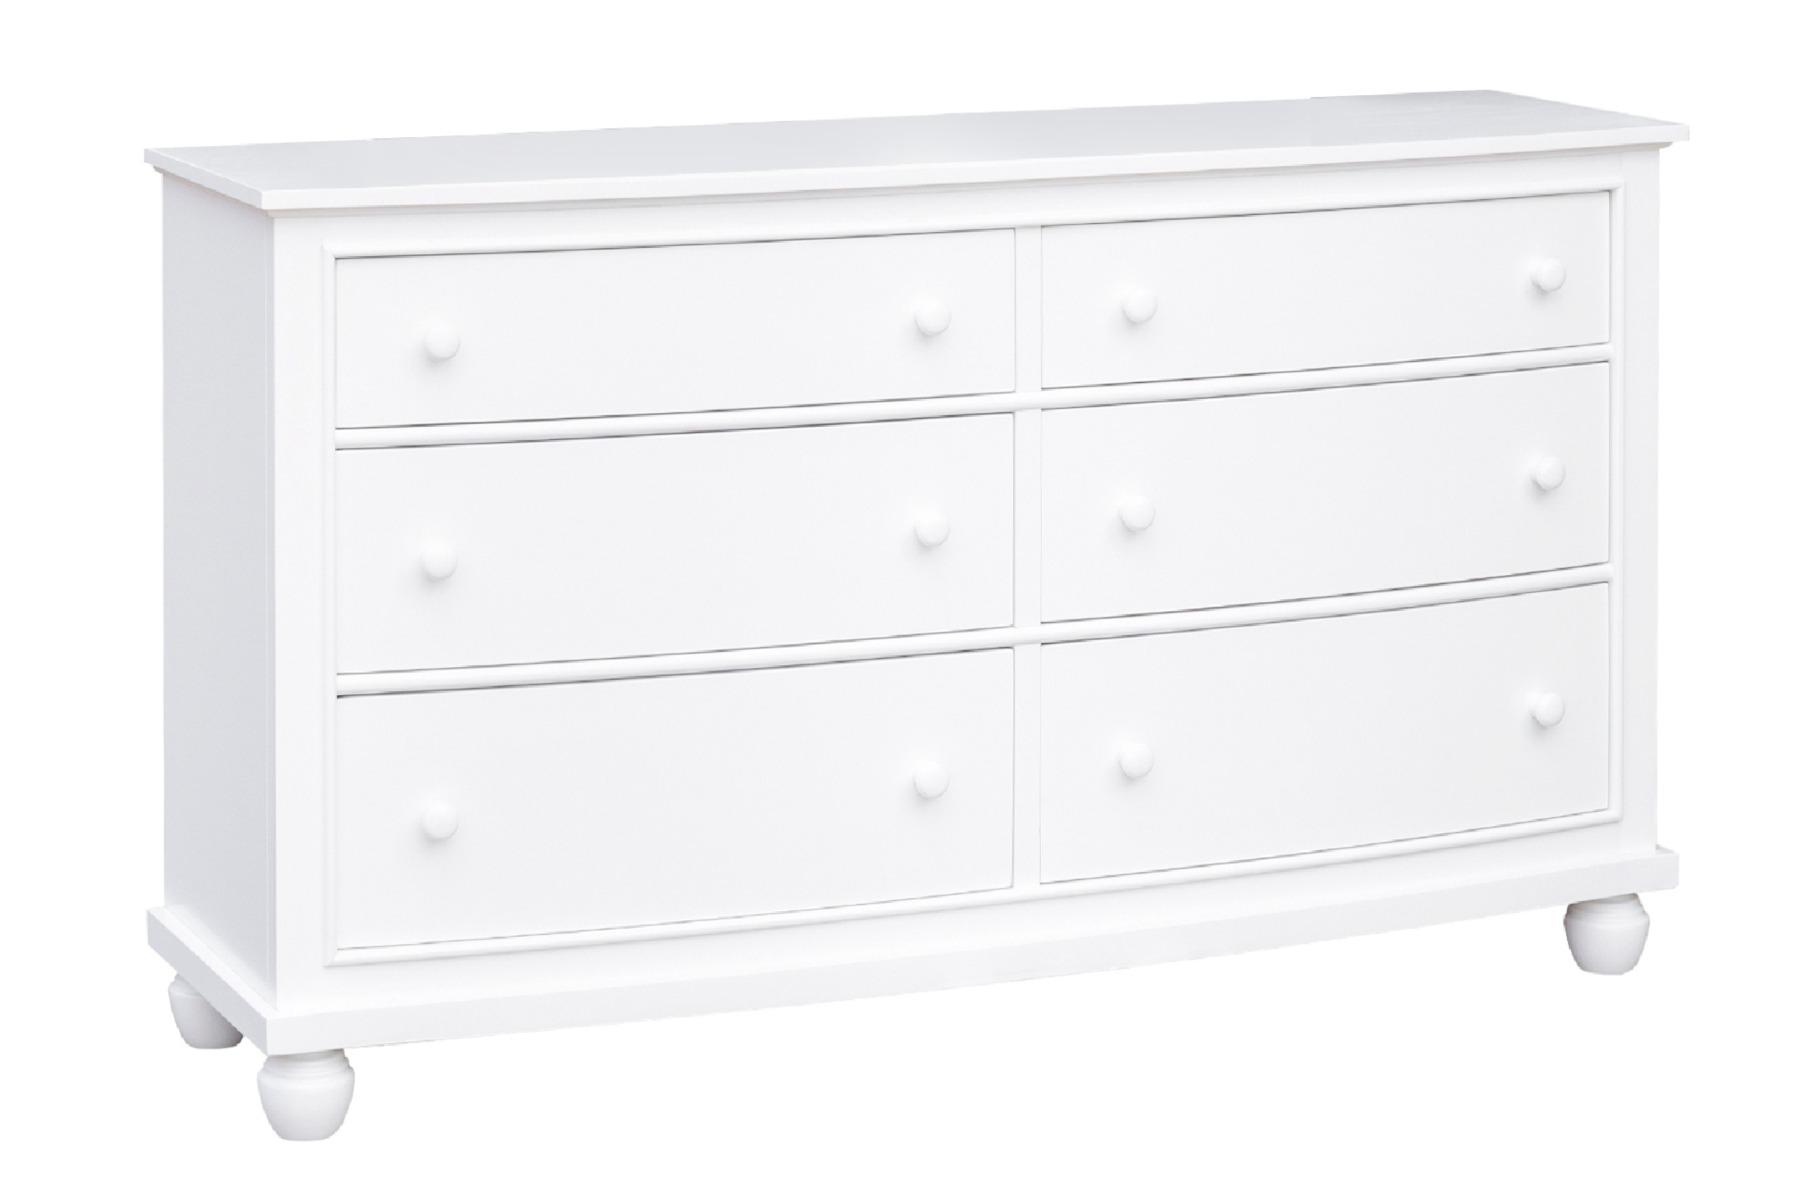 Sunset Trading White Shutter Wood 6 Drawer Dresser - Sunset Trading CF-1130-0150 Image